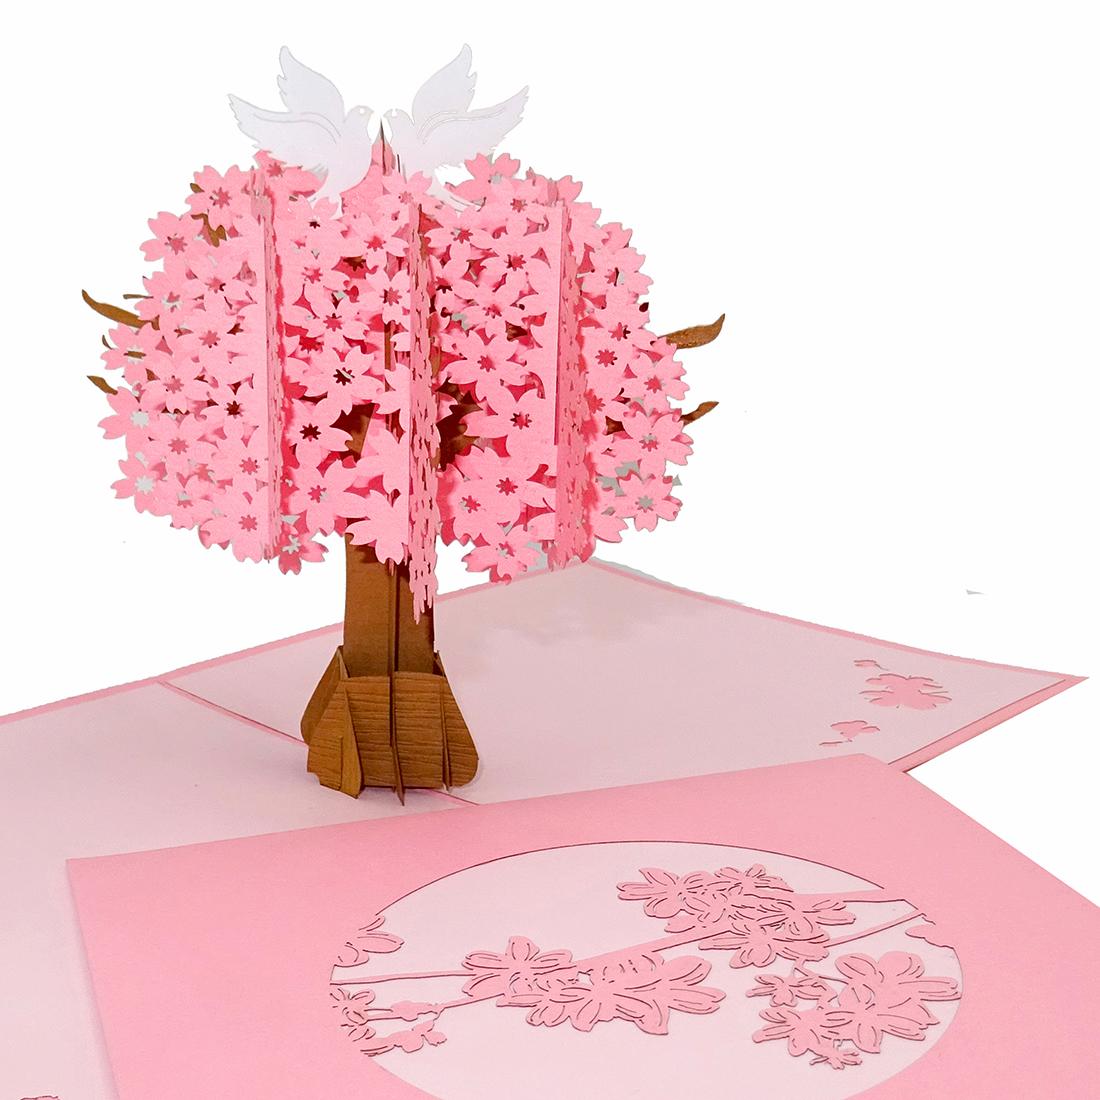 """Pop Up Karte """"Kirschbaum"""" - Hochzeitskarte, Valentinskarte, Karte zum Jahrestag"""